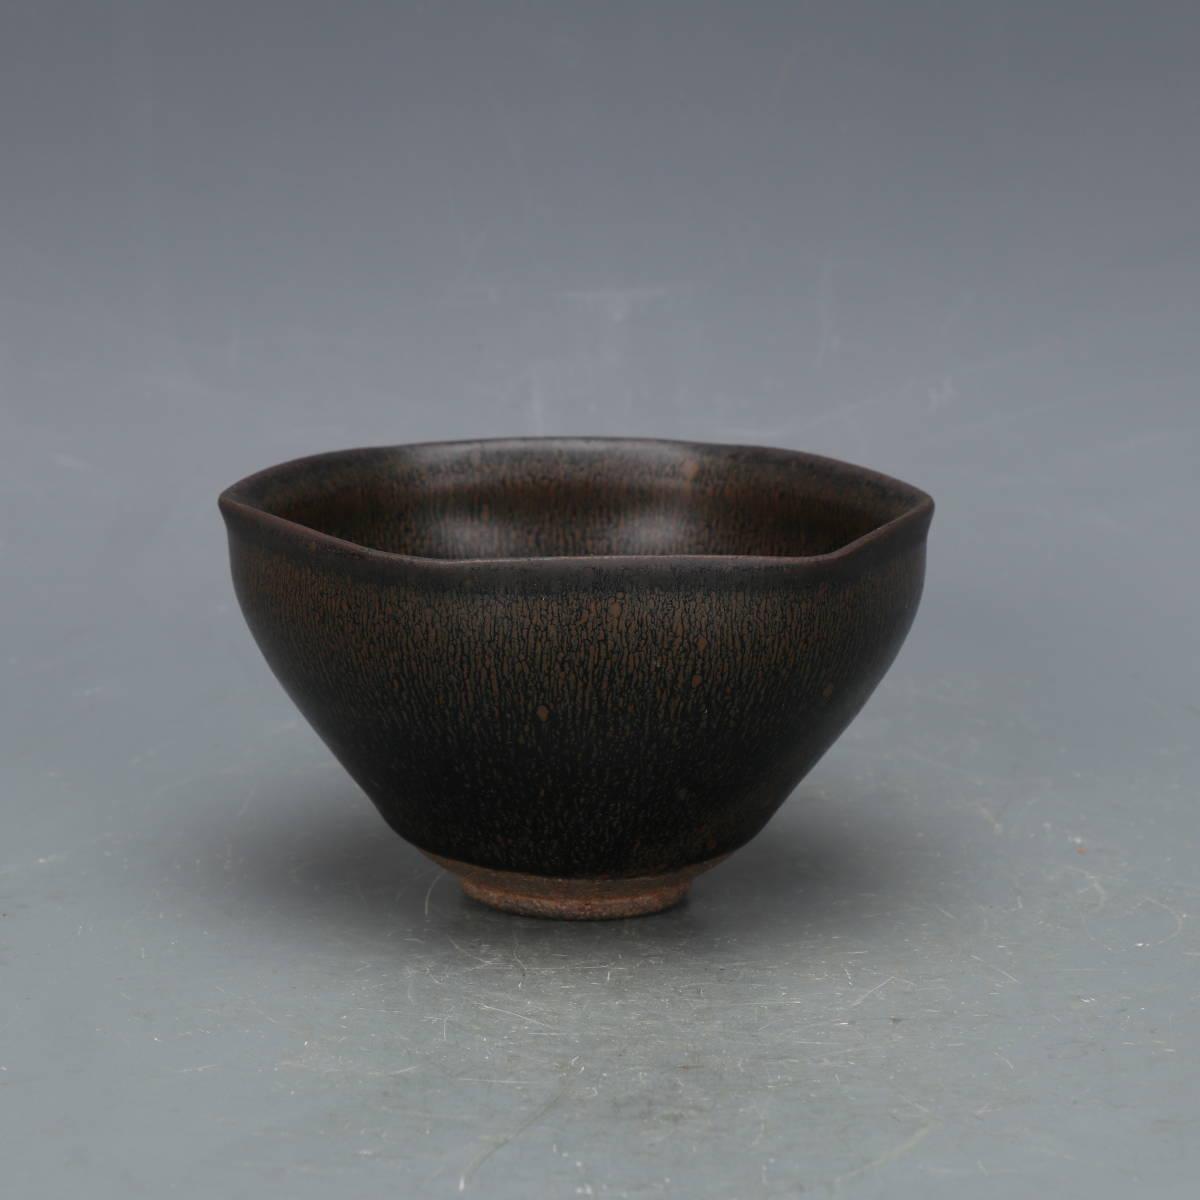 【1904CCD1173】中国古董品 宋時代 建窯六方兔盞 擺件 手彫 精美彫 秀作 古皿 置物 中國